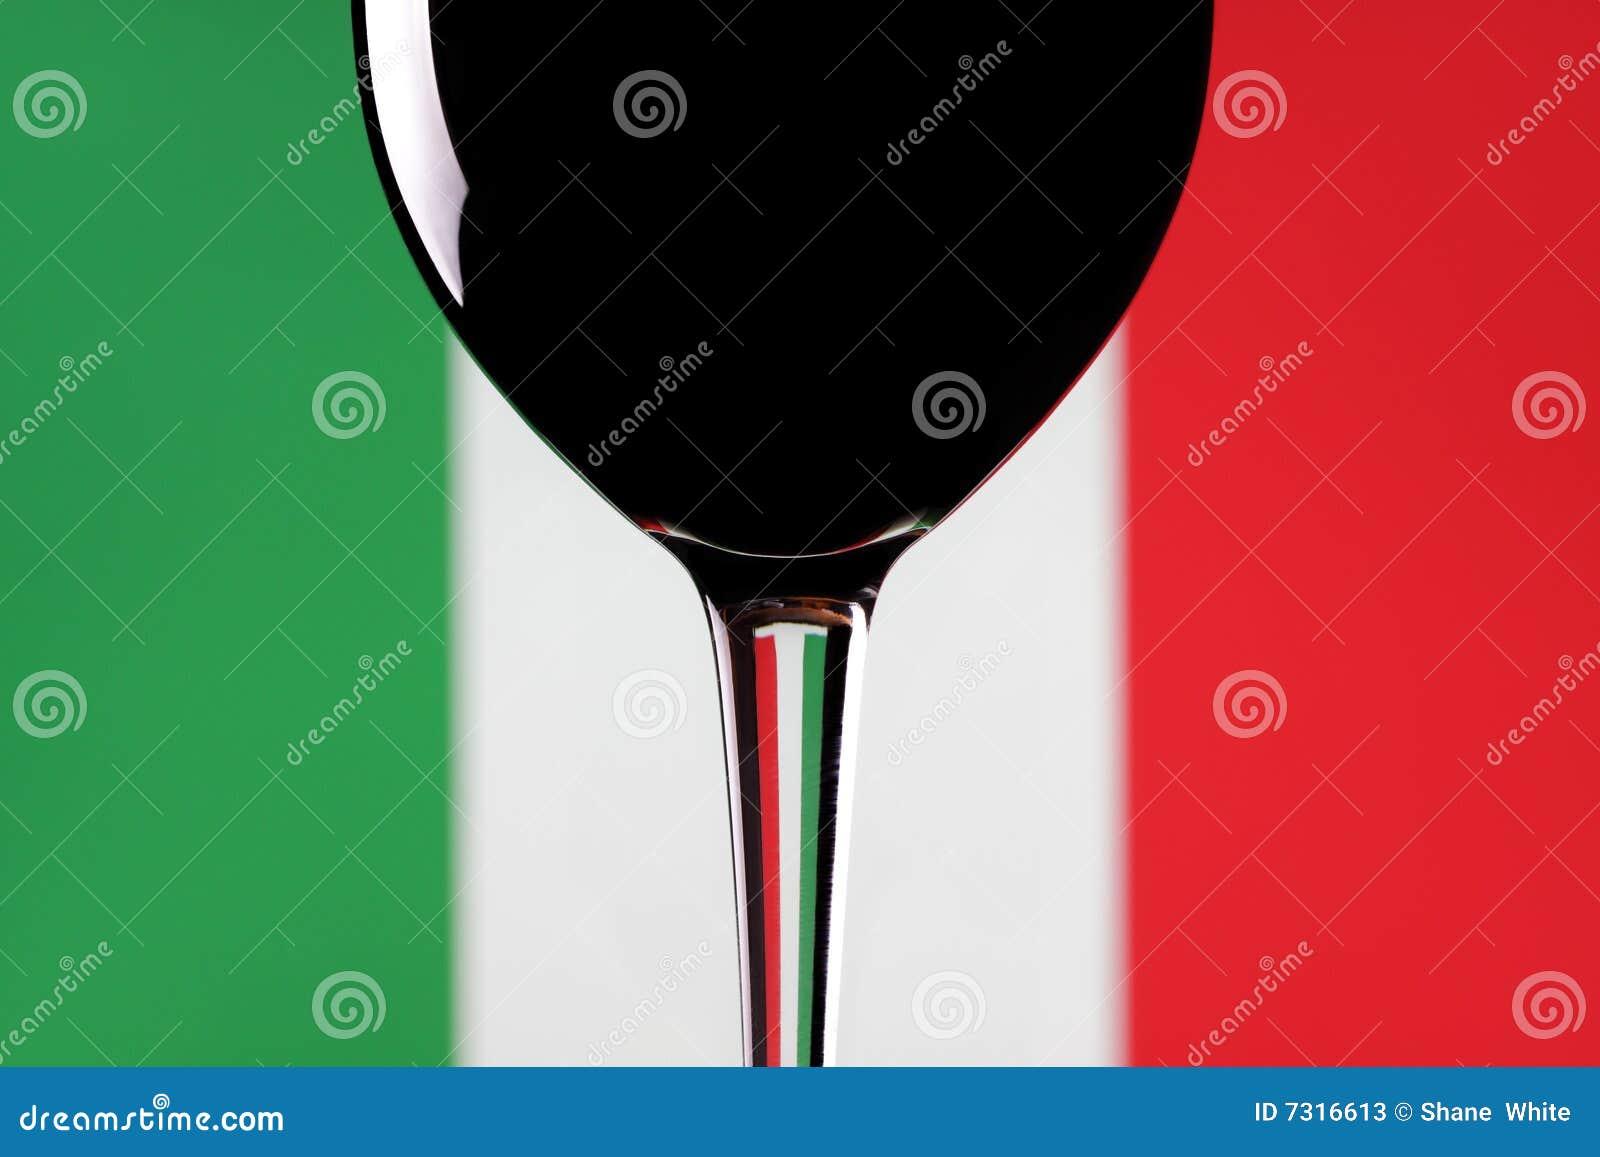 Vino italiano.